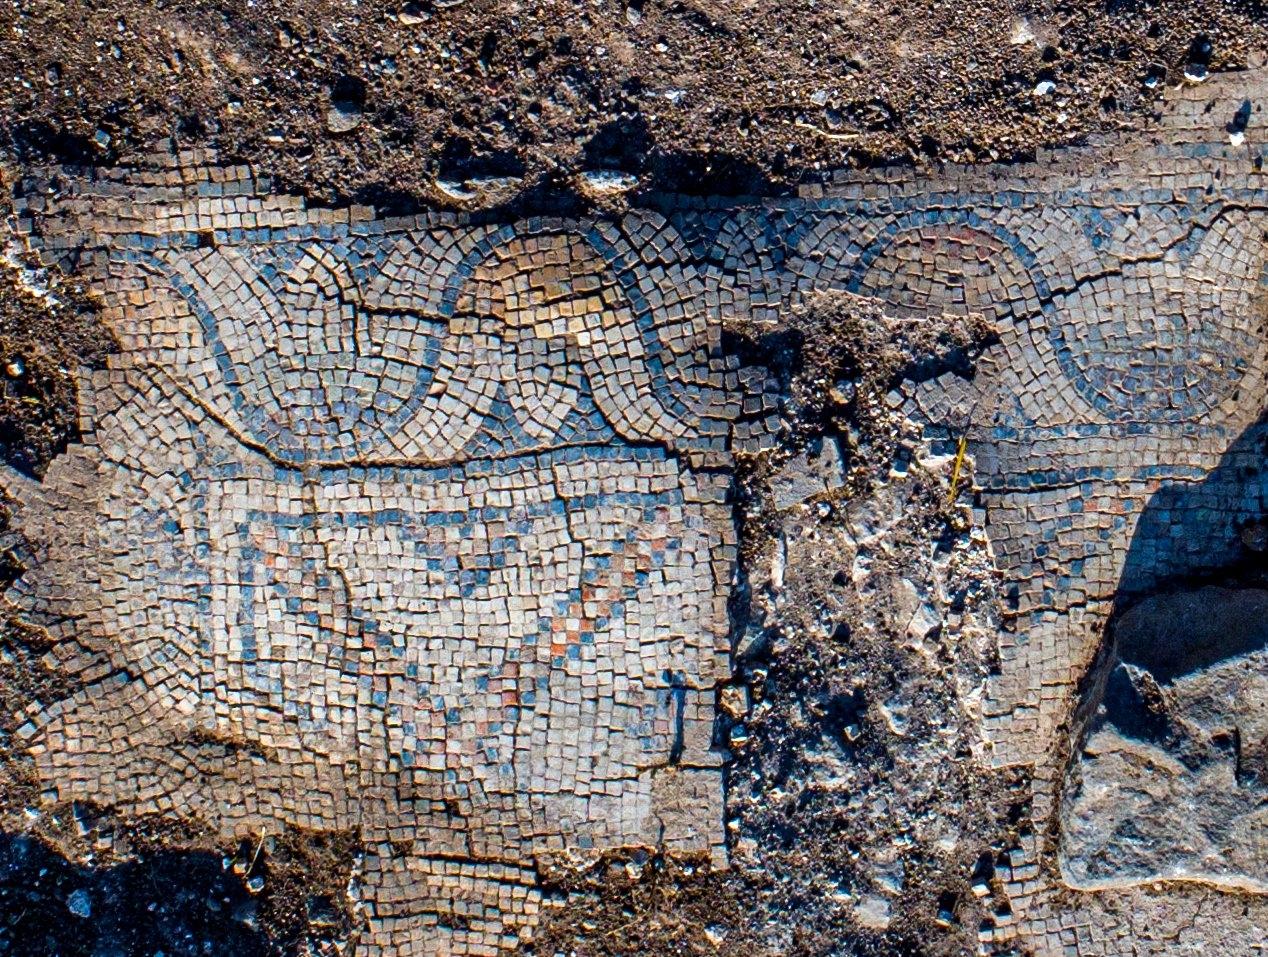 Arqueólogos descobrem igreja de 1.300 anos perto do Monte da Transfiguração de Jesus